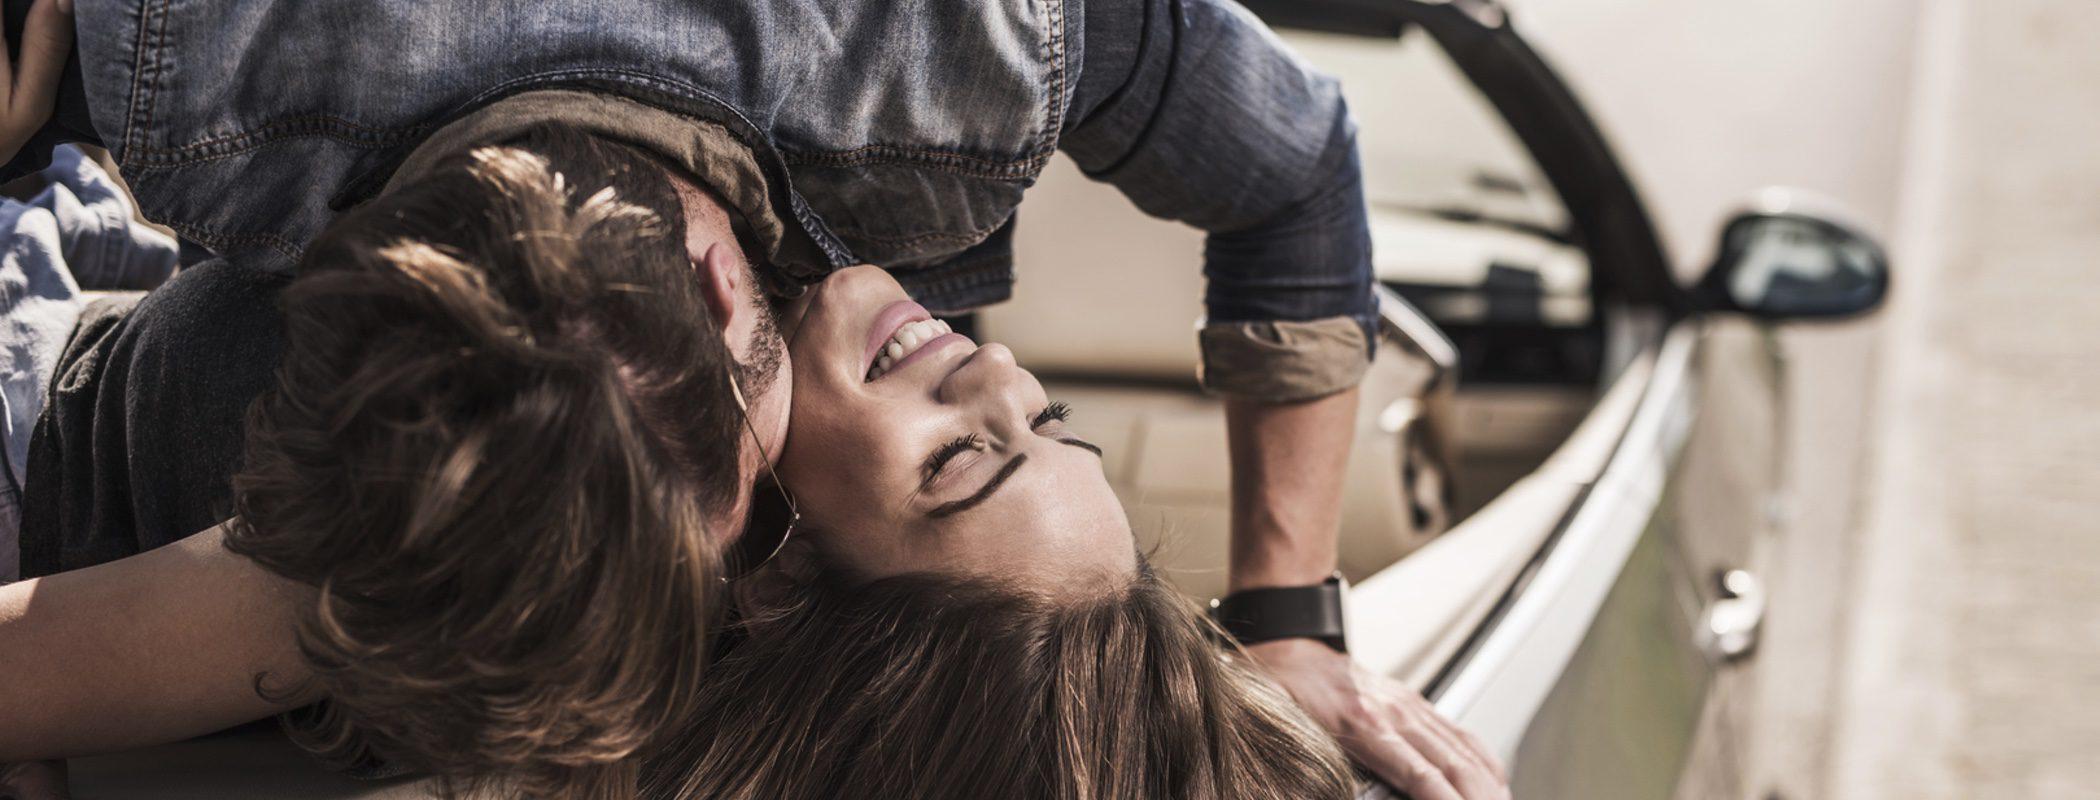 Dogging o cancaneo: Qué es y cómo realizar esta práctica sexual